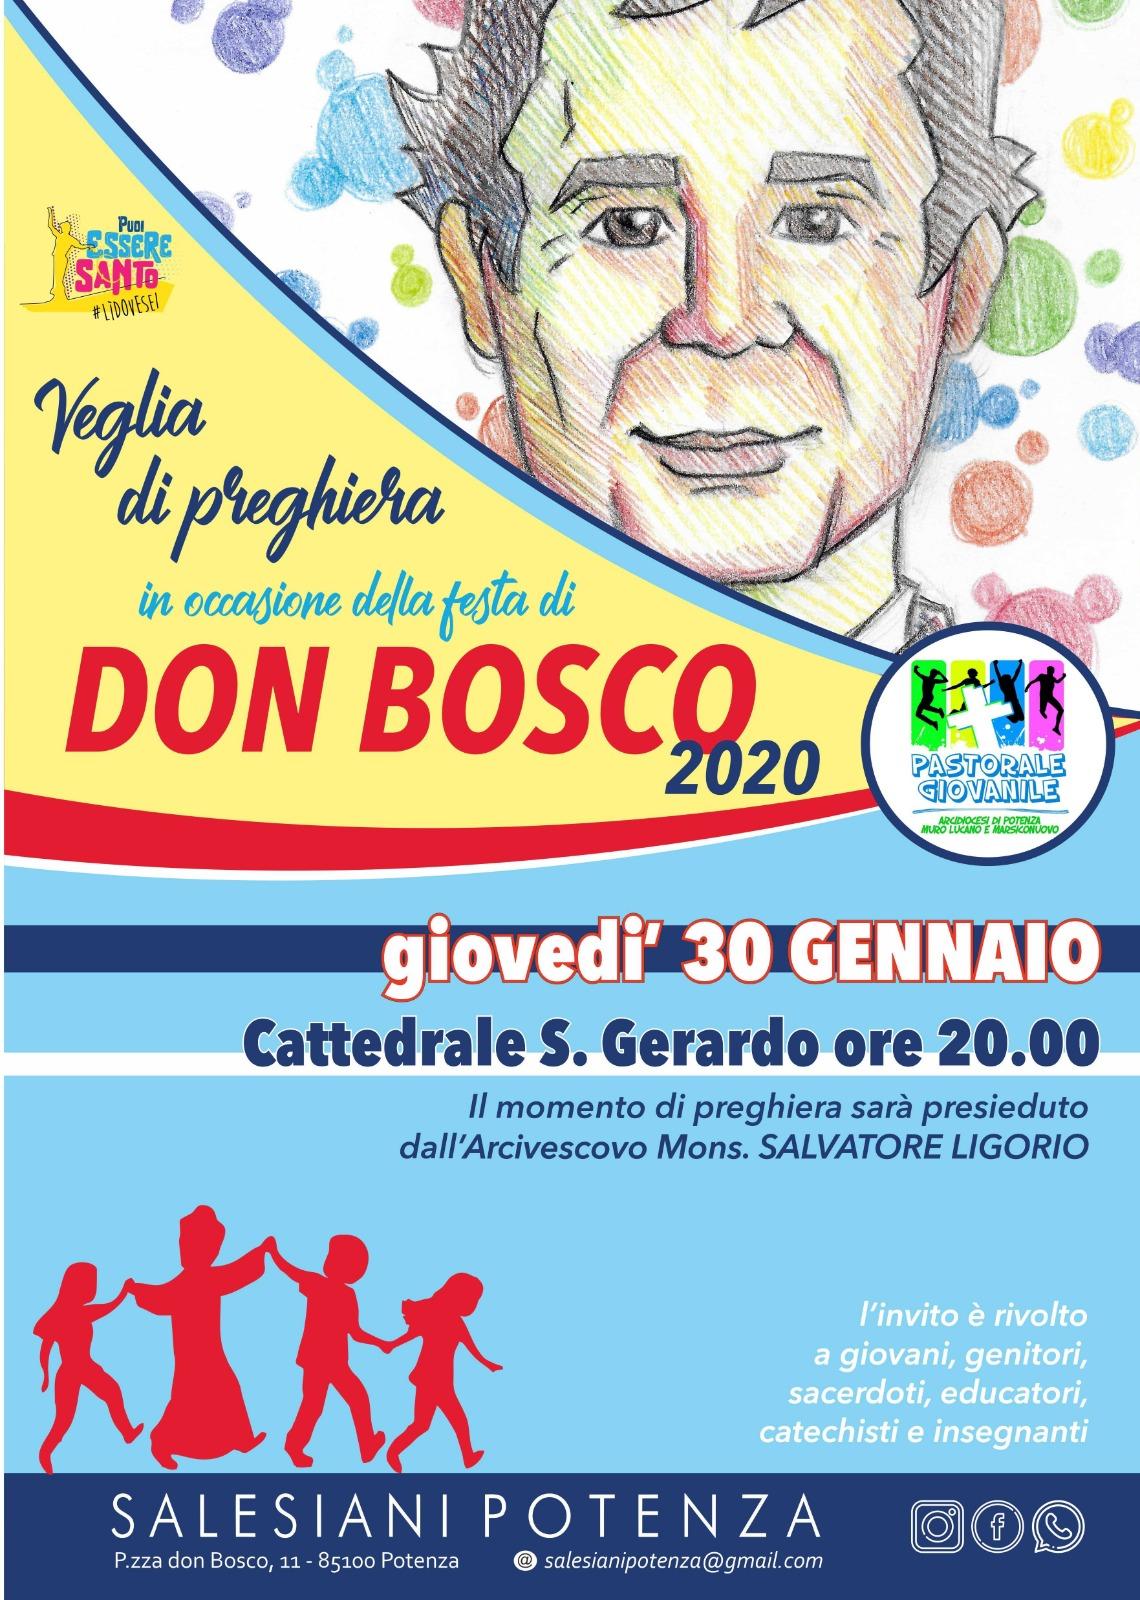 FESTA DI DON BOSCO 2020